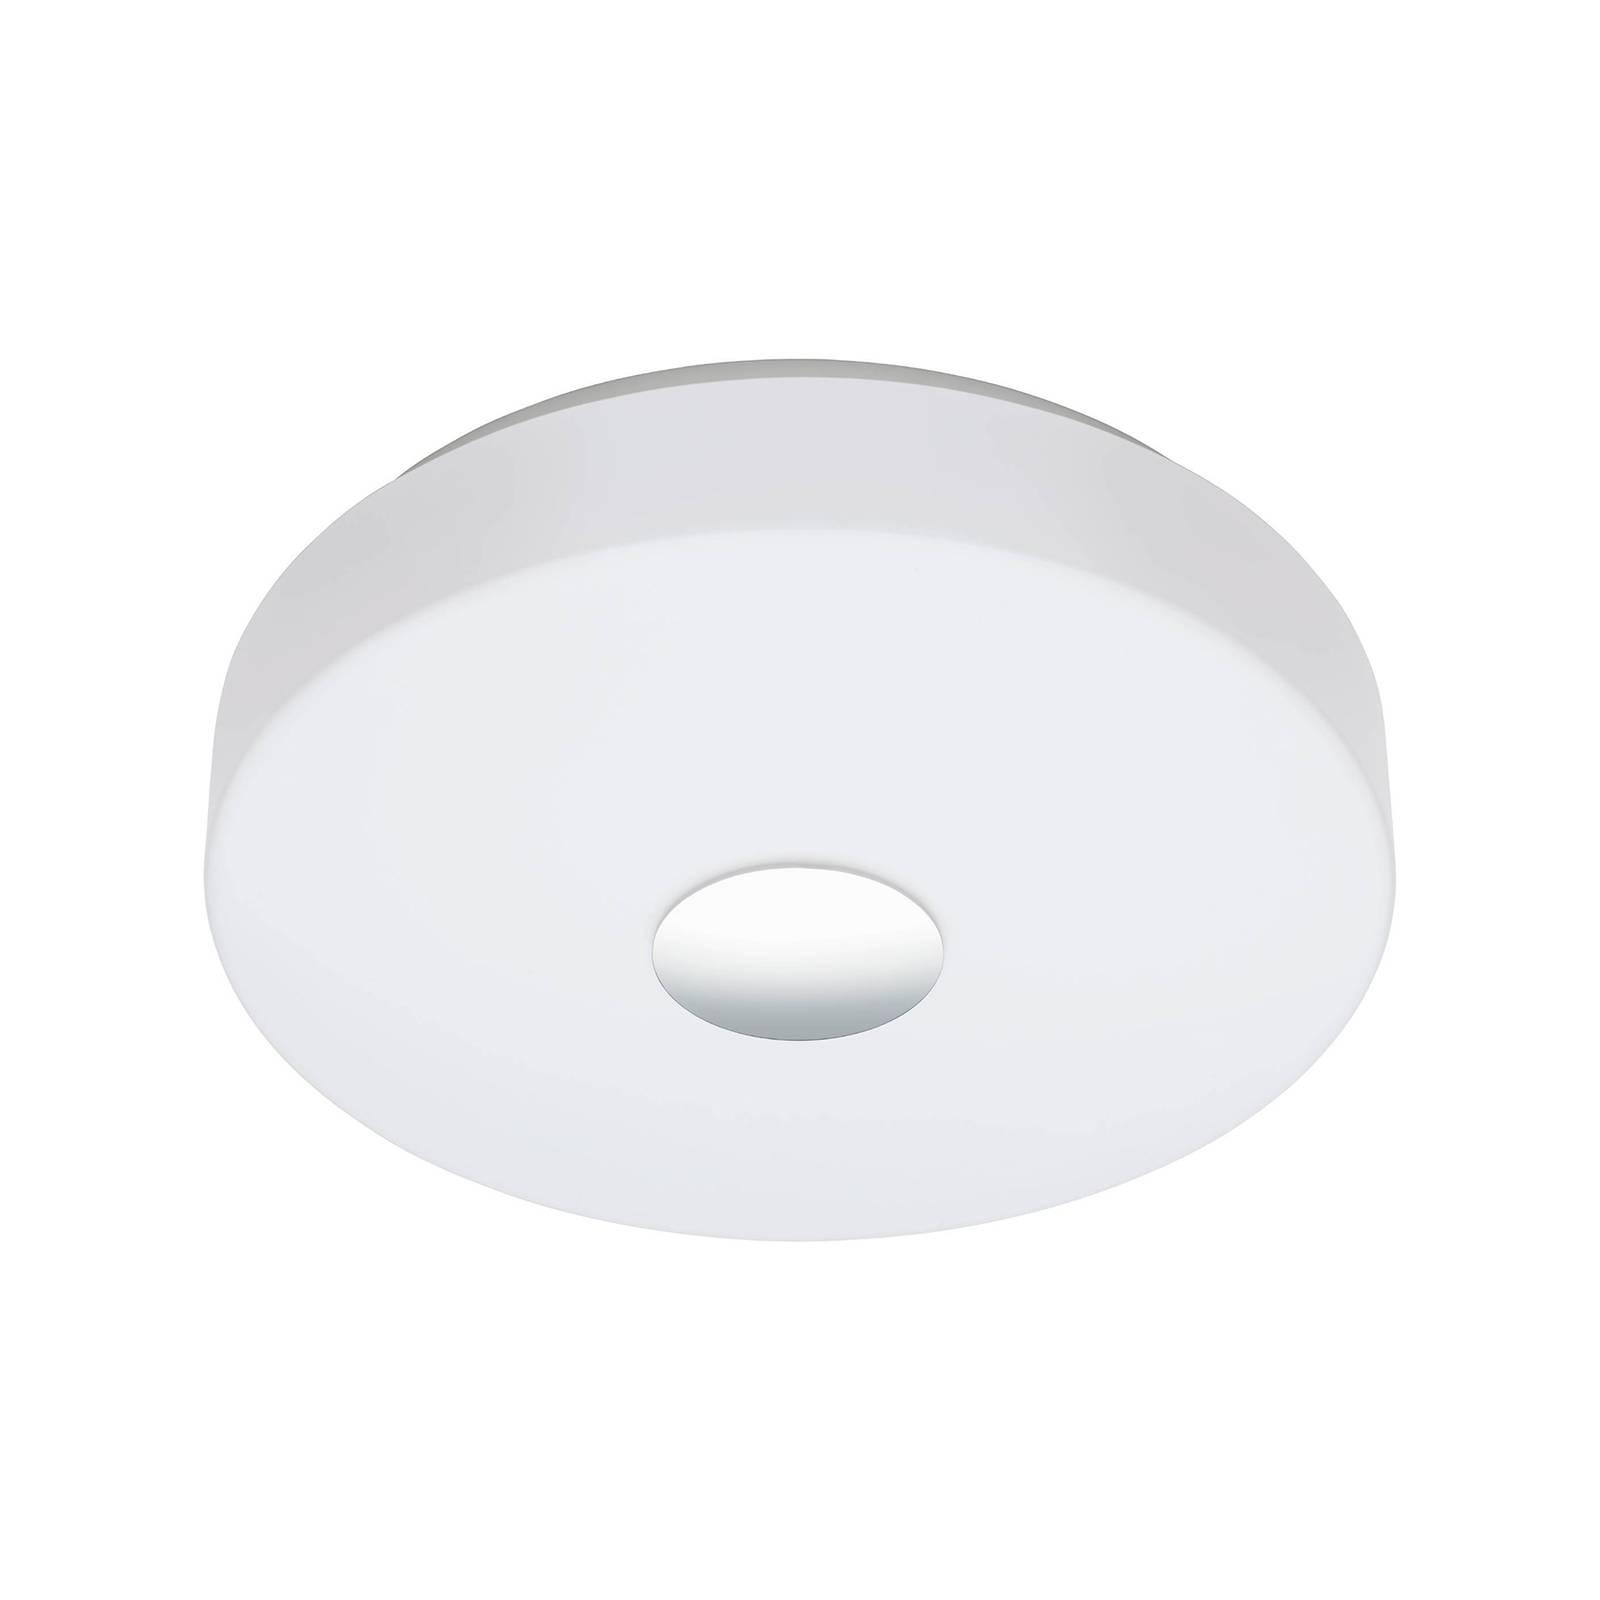 EGLO connect Beramo-C LED-Deckenleuchte weiß